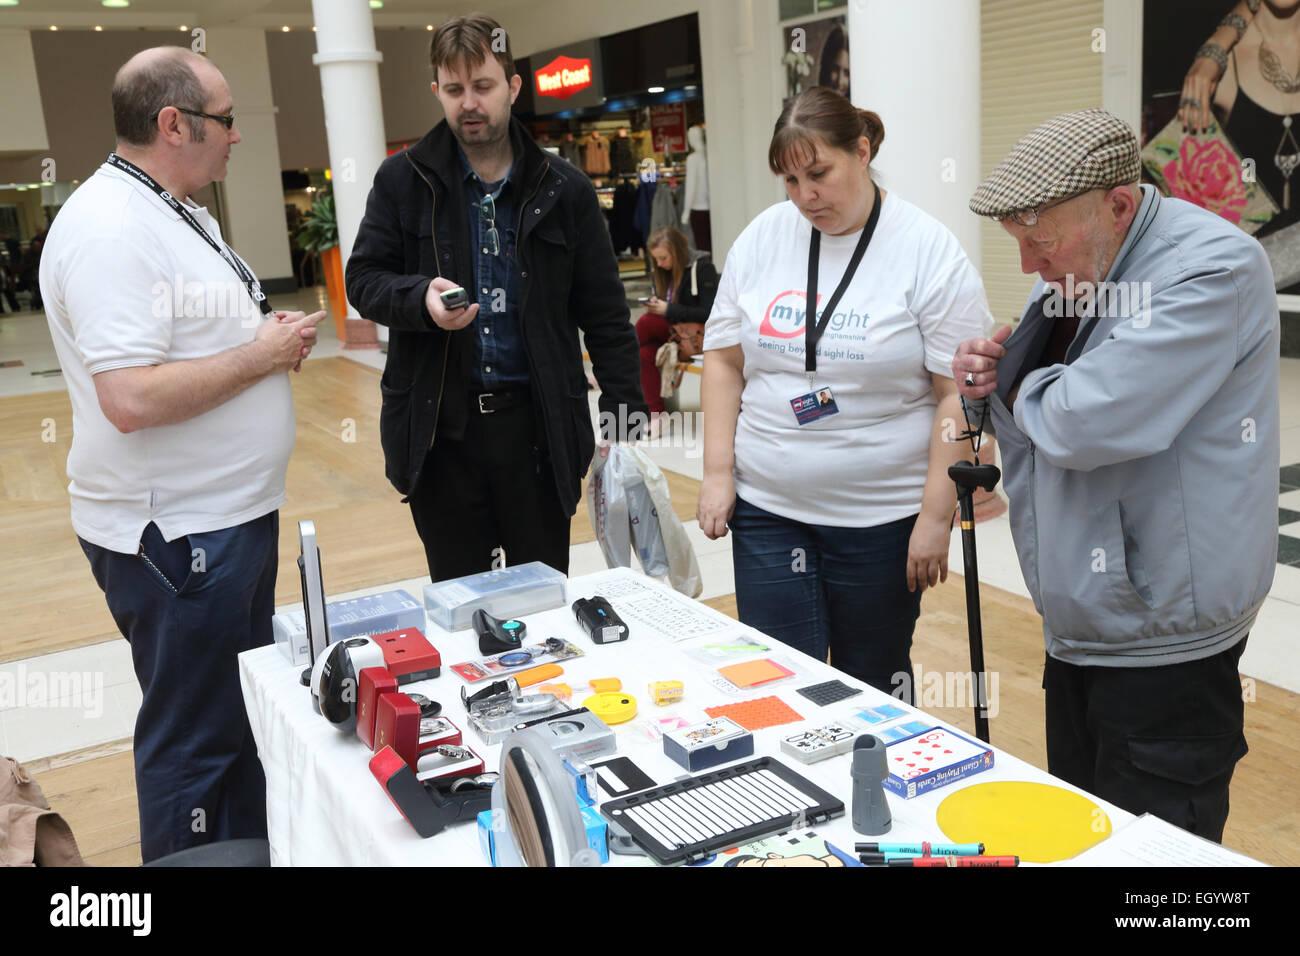 Stall, Förderung von Produkten und Dienstleistungen für Menschen mit Sehbehinderungen, ausgeführt Stockbild